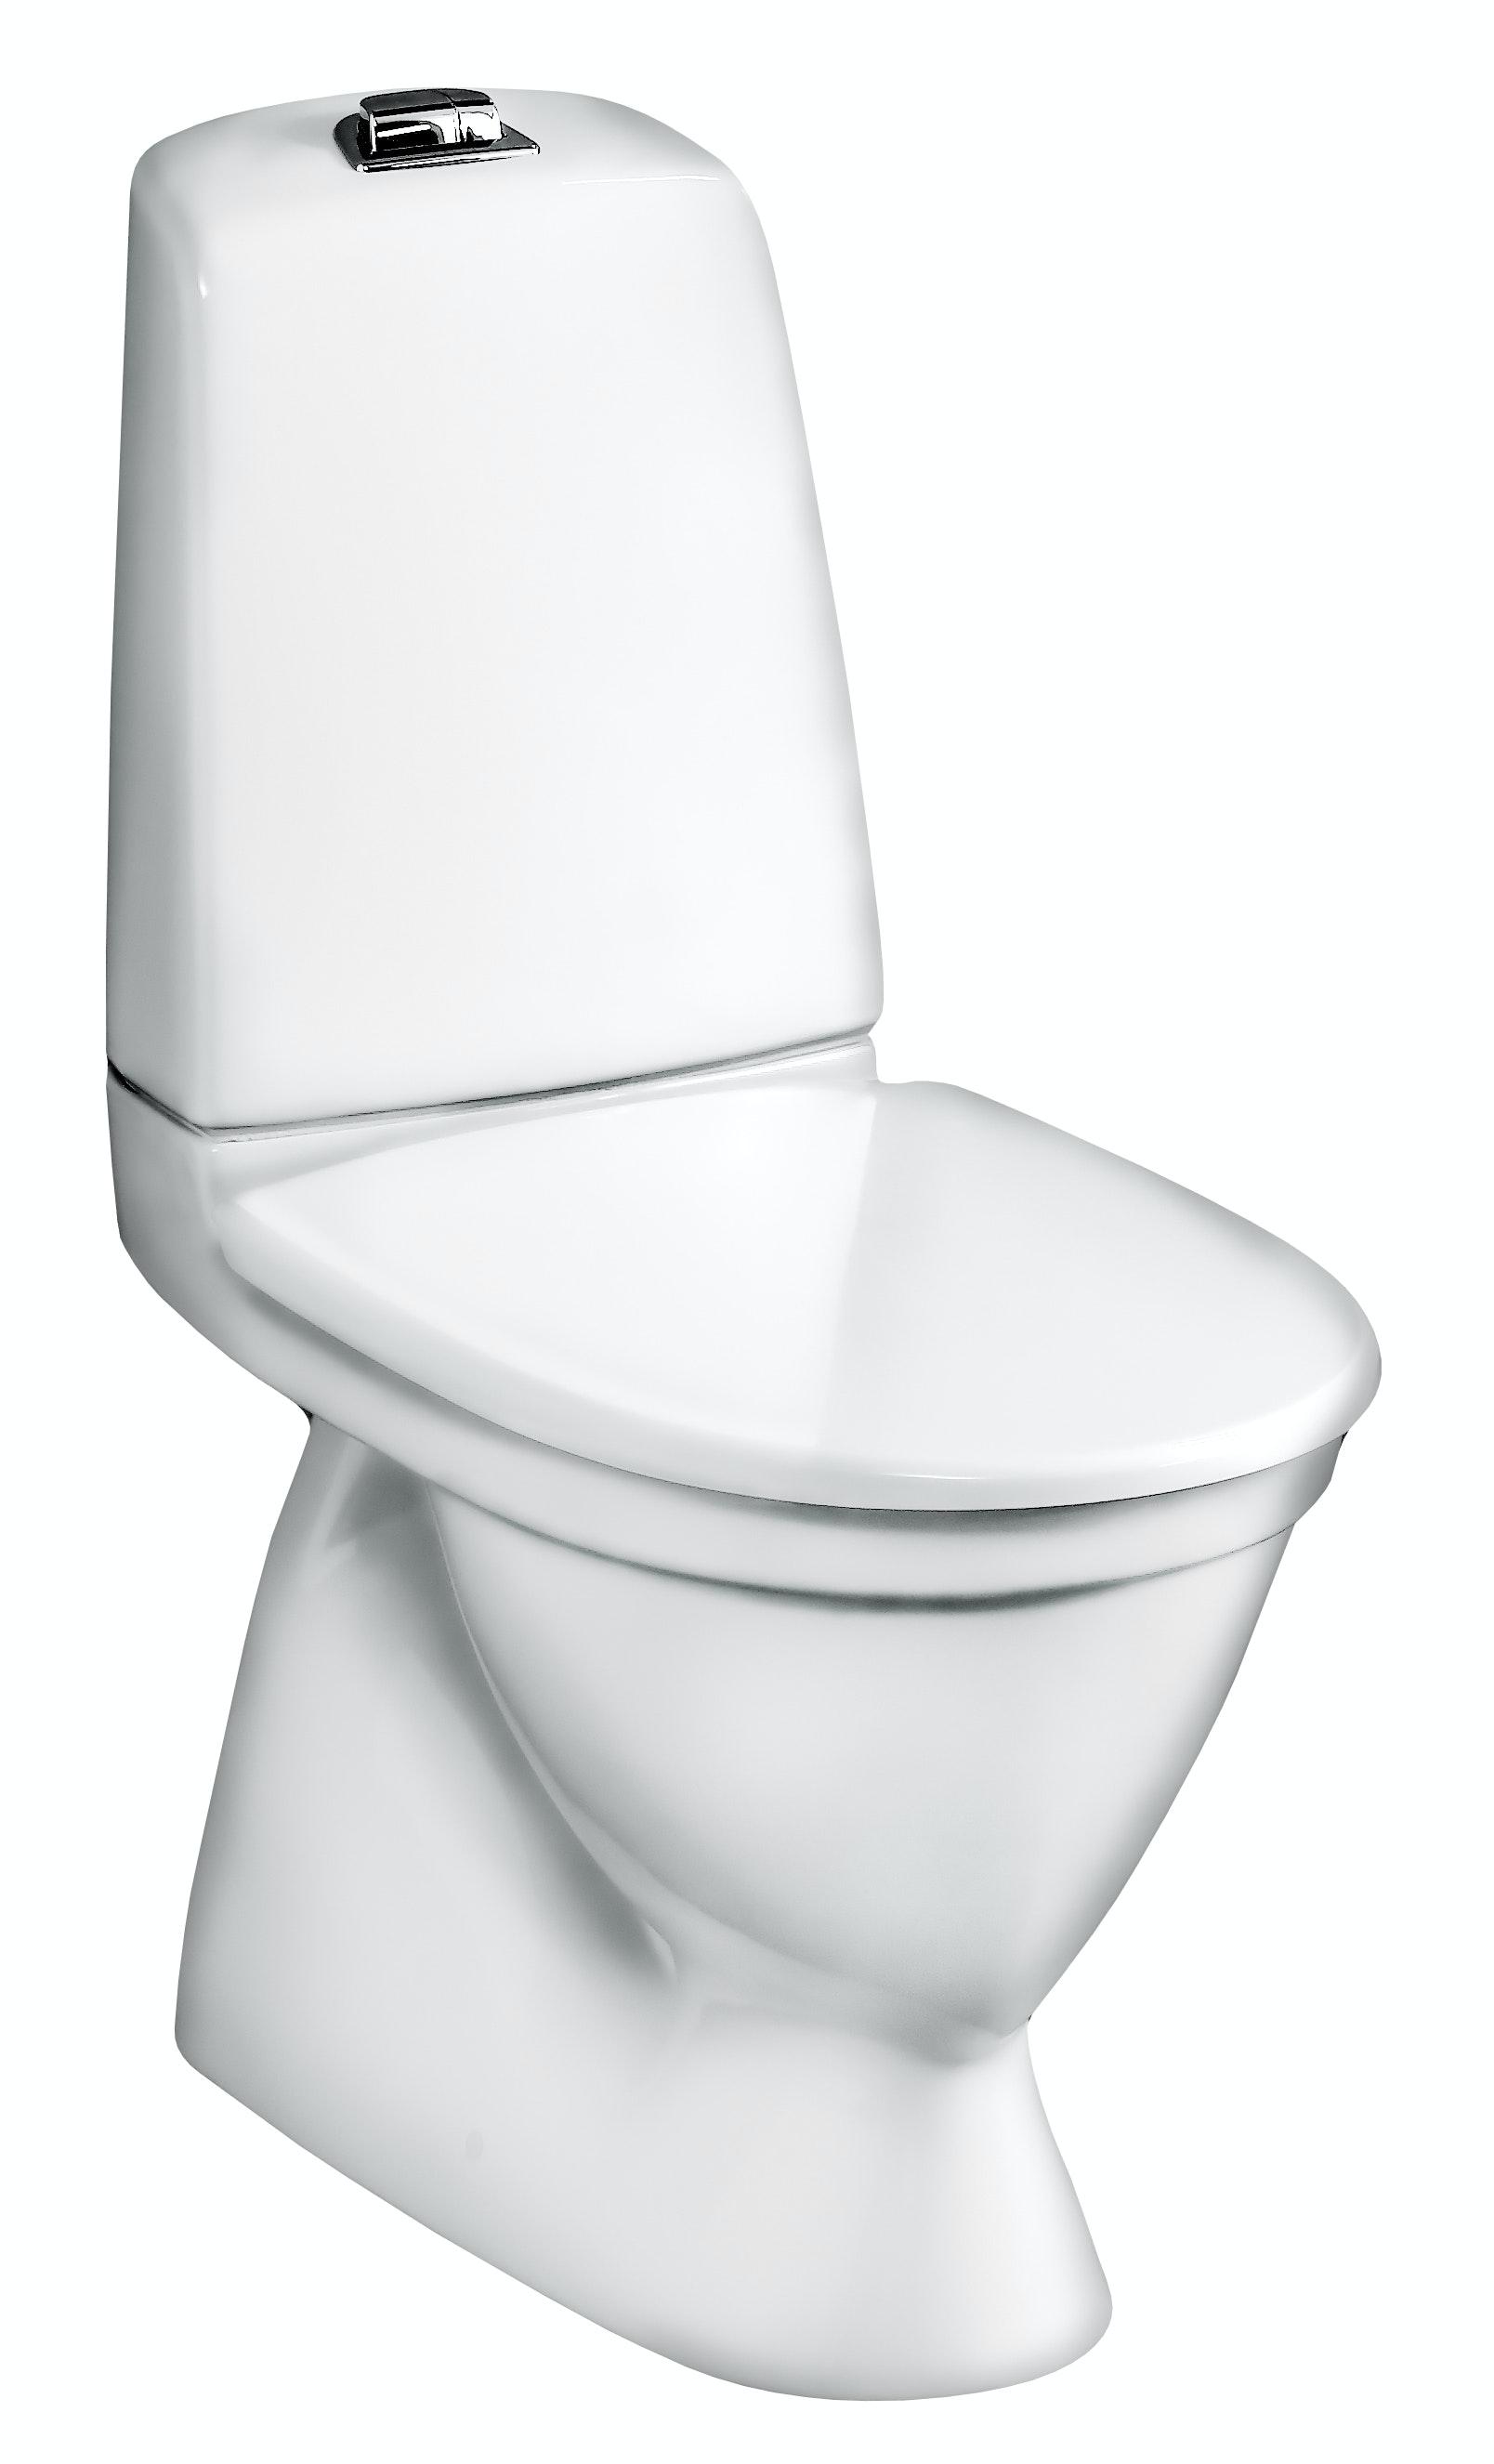 Toalettstol Gustavsberg Nautic 5546 Förhöjd Dubbelspolning